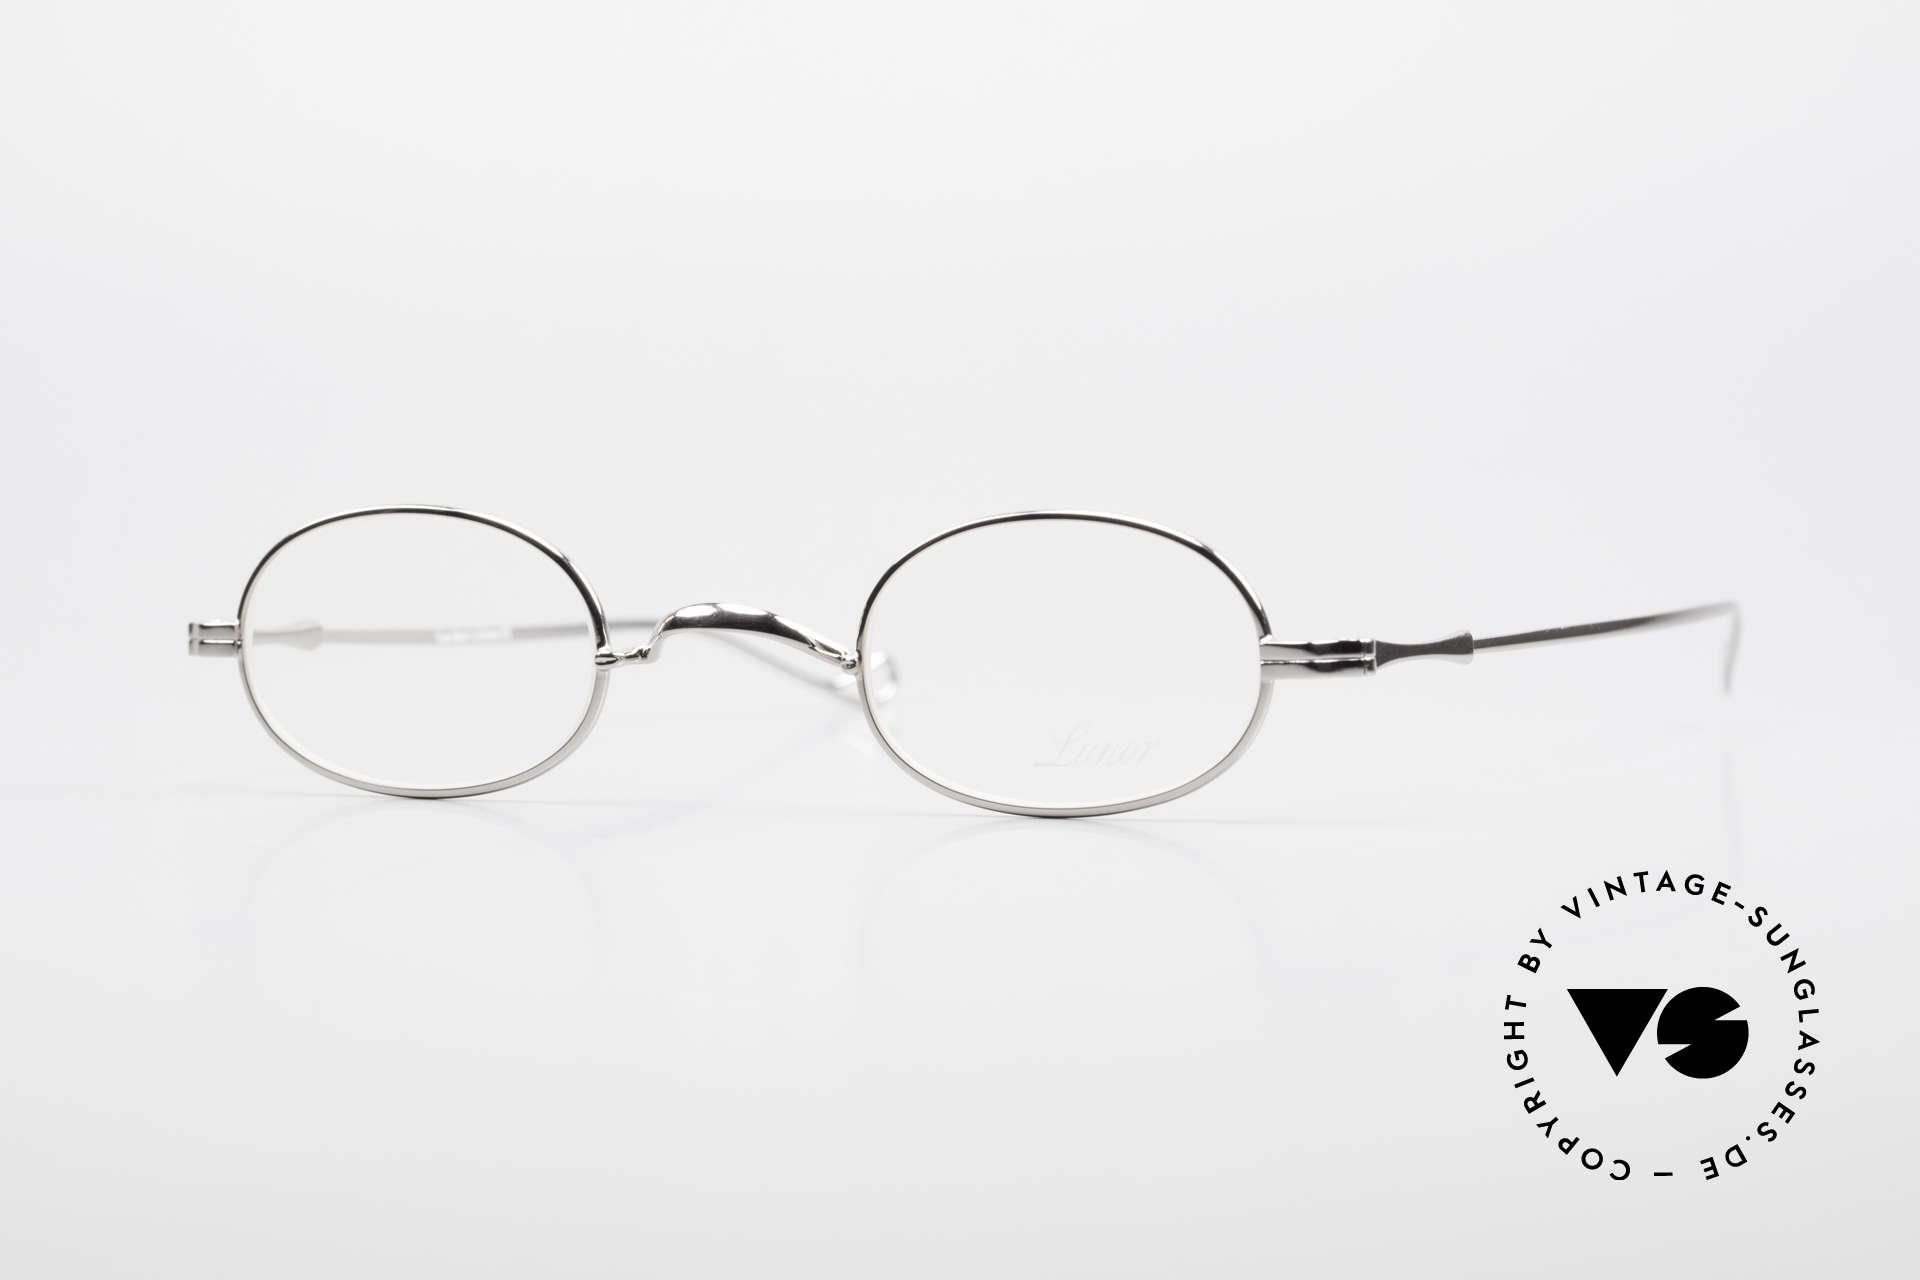 """Lunor II 08 Kleine Ovale Lunor Brille, LUNOR = französisch für """"Lunette d'Or"""" (Goldbrille), Passend für Herren und Damen"""